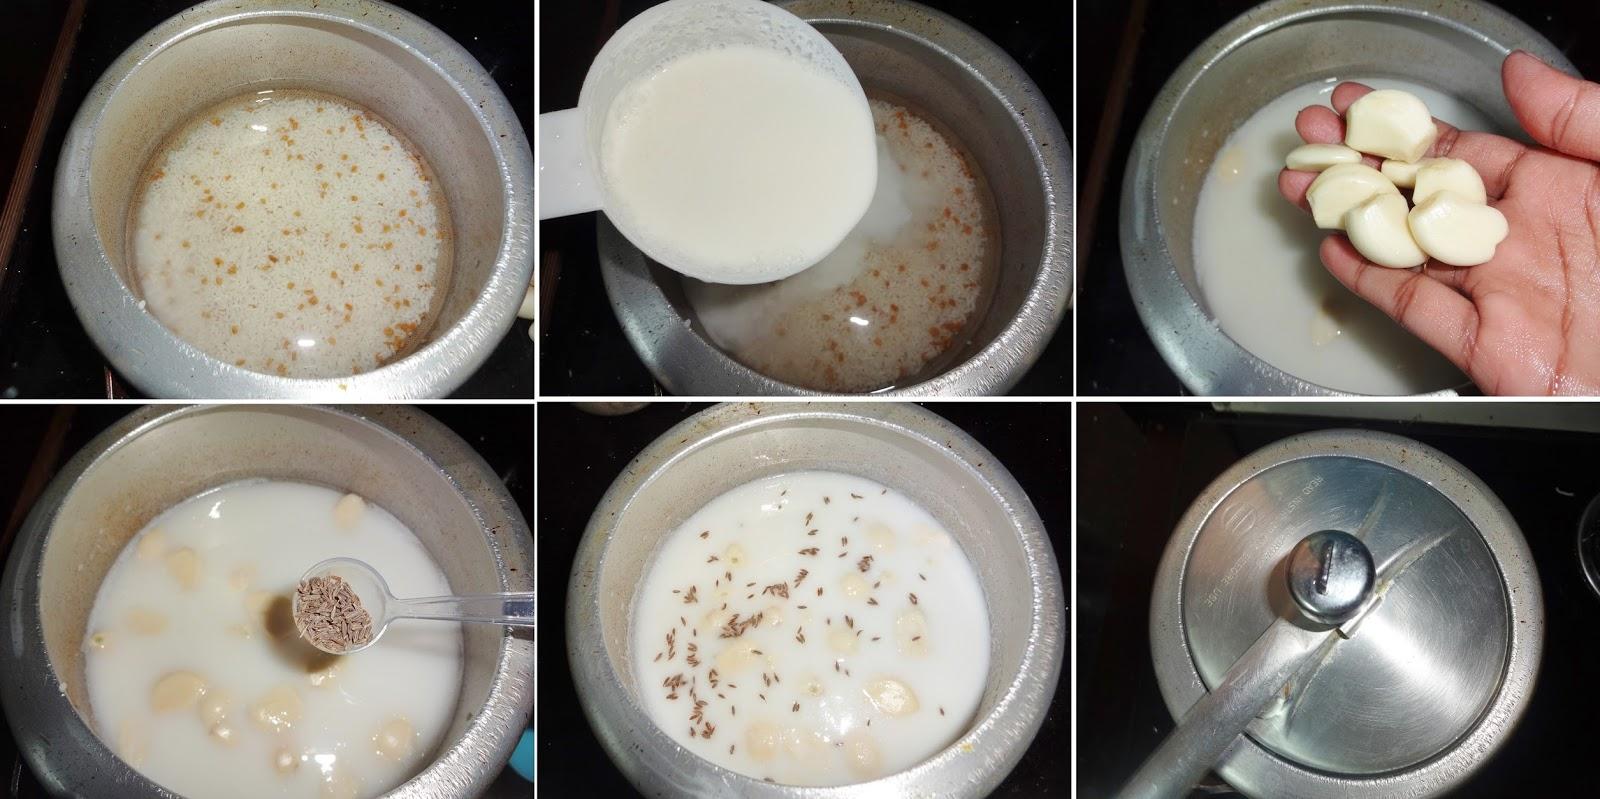 فوائد الحليب الثوم وصفاته الصحيه bntpal_1475663830_93